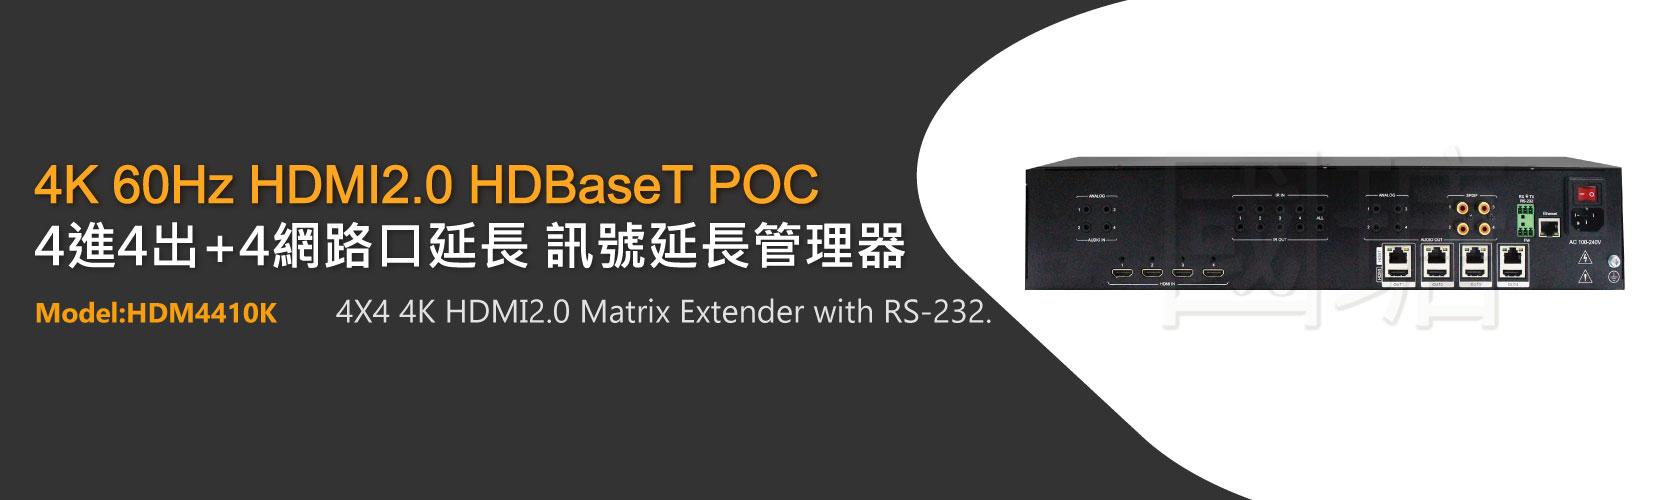 hdmi2.0 4x4矩陣交換器 台灣PANIO國瑭